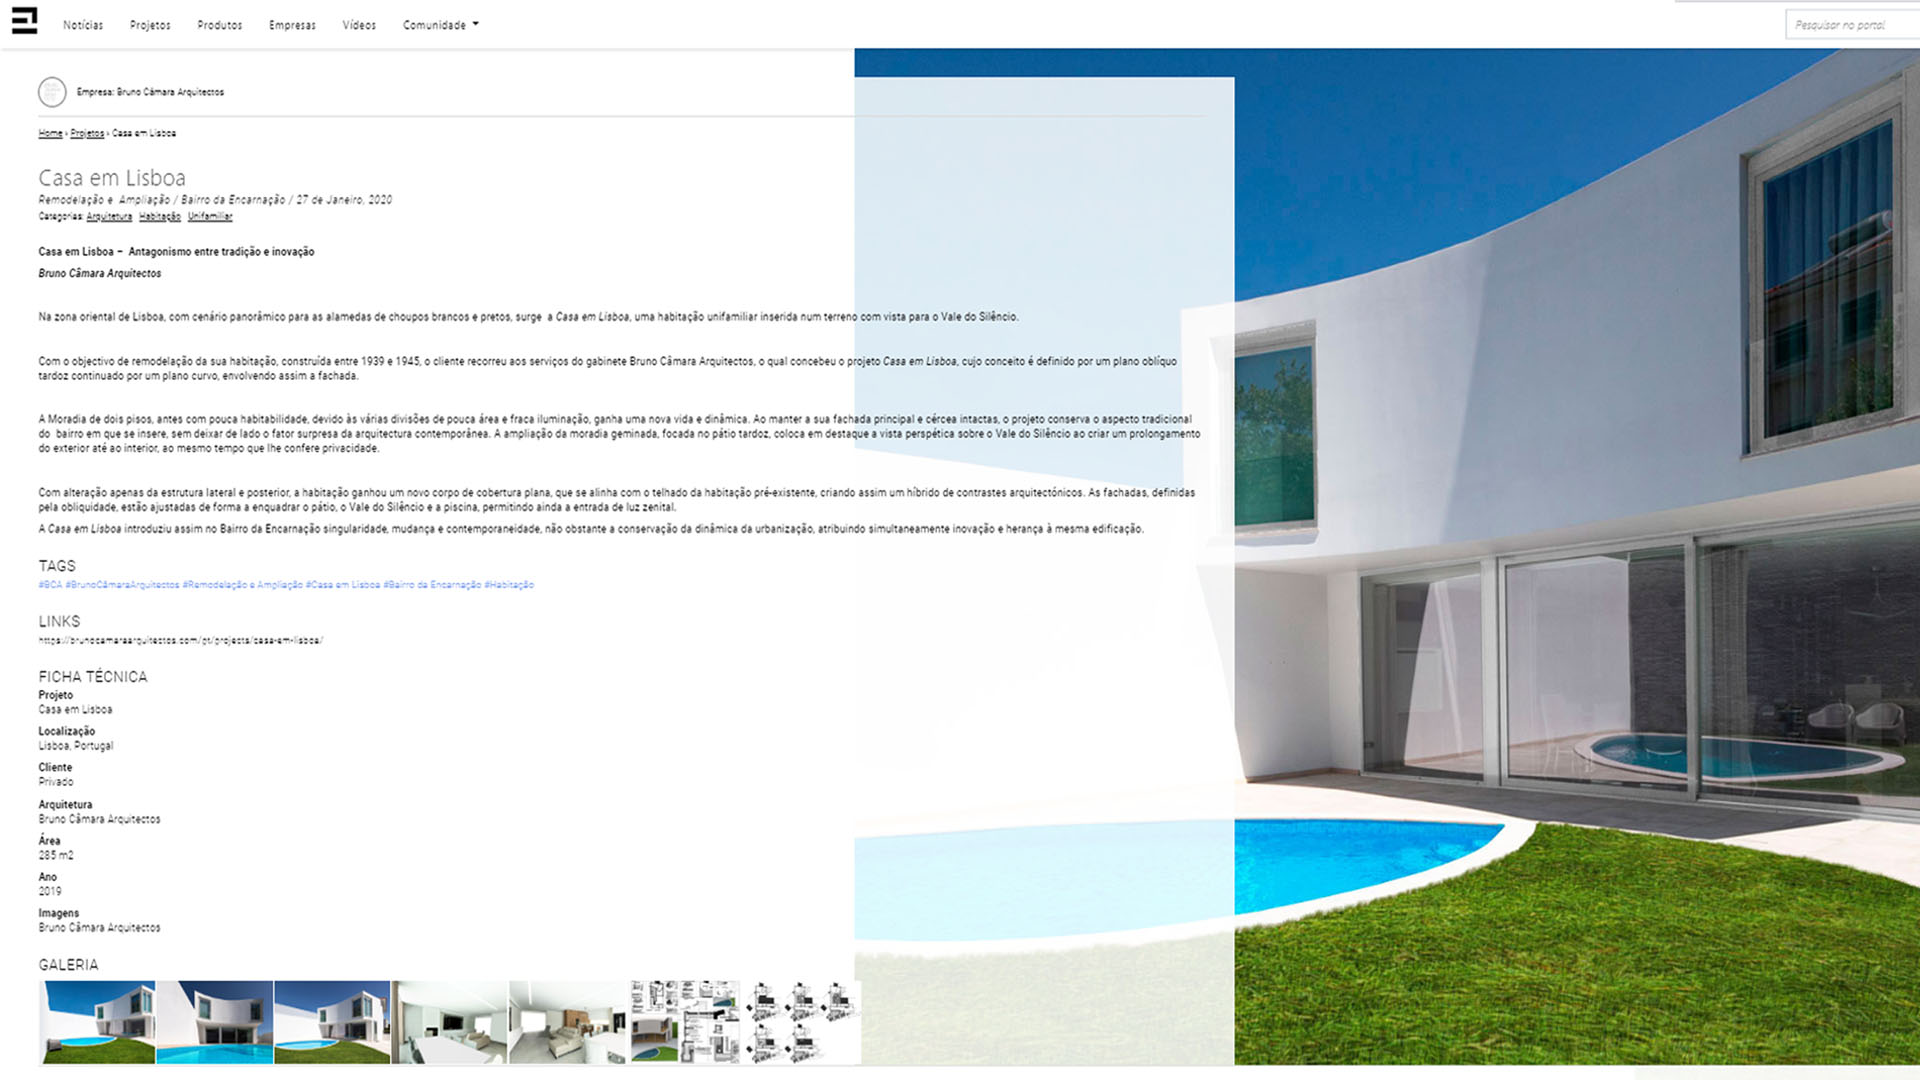 Projecto de construção pela construtora Cvz-Construções